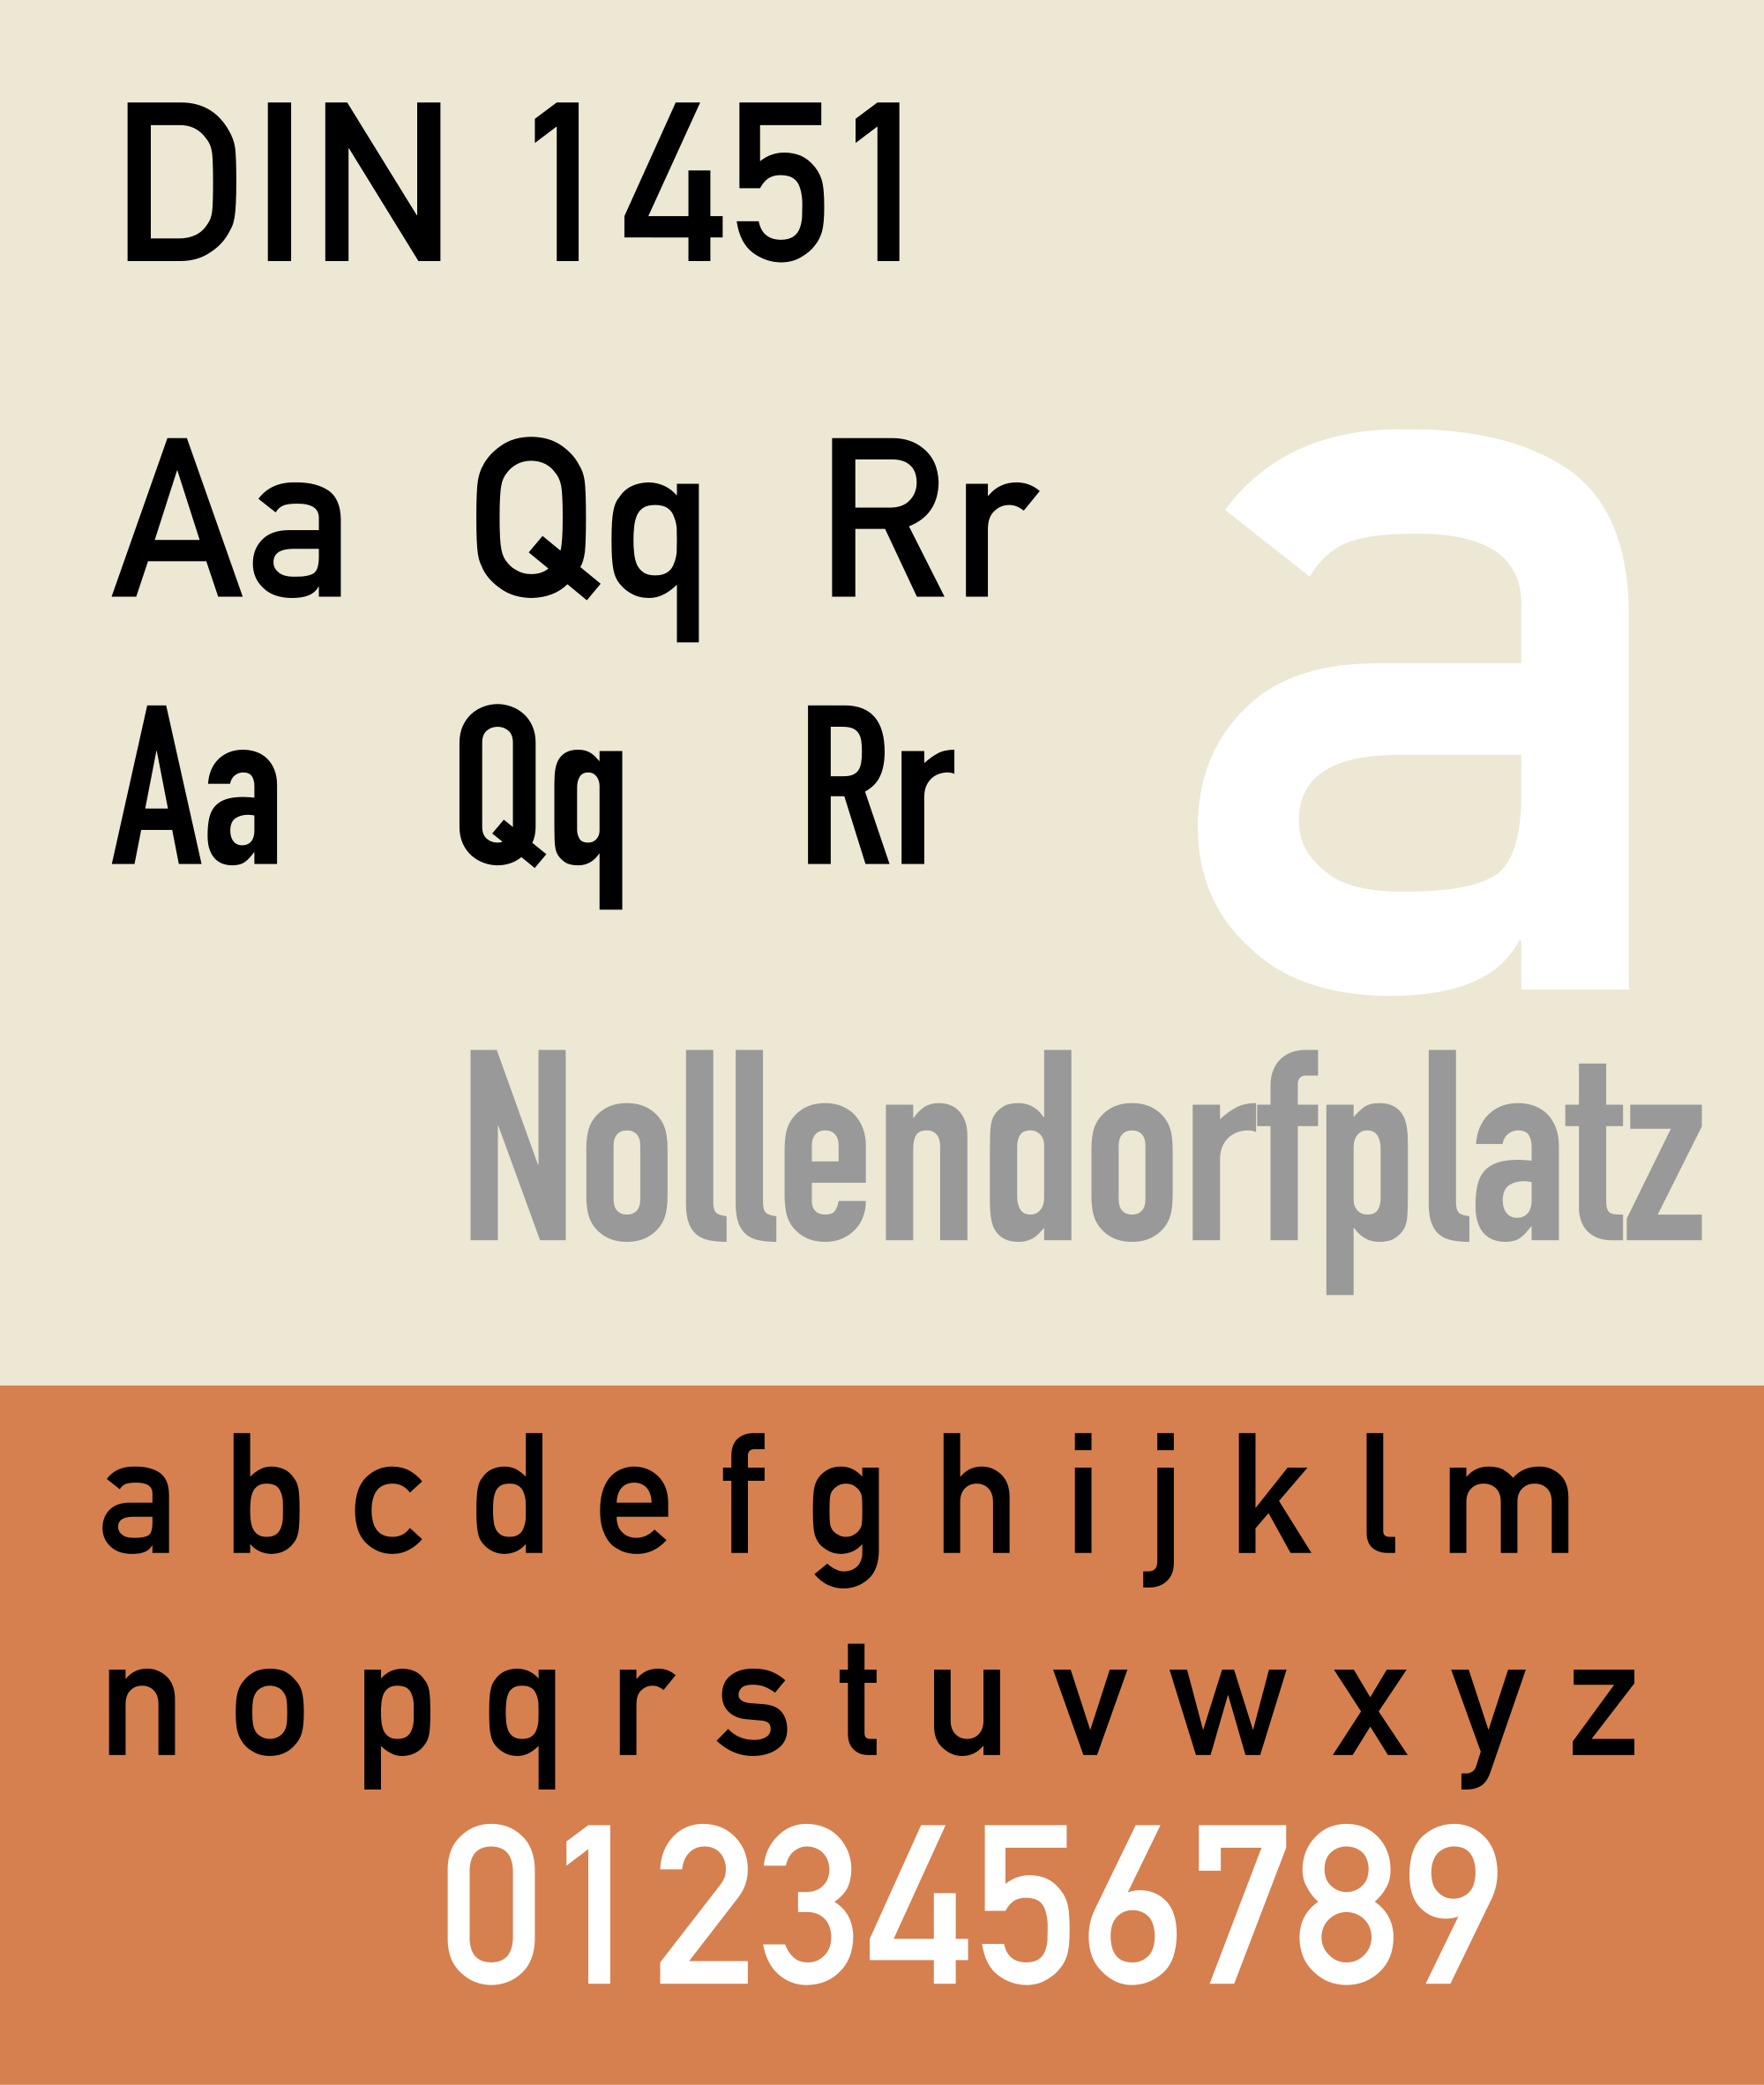 Caratteri tipografici pipù utilizzati in pubblicità: DIN